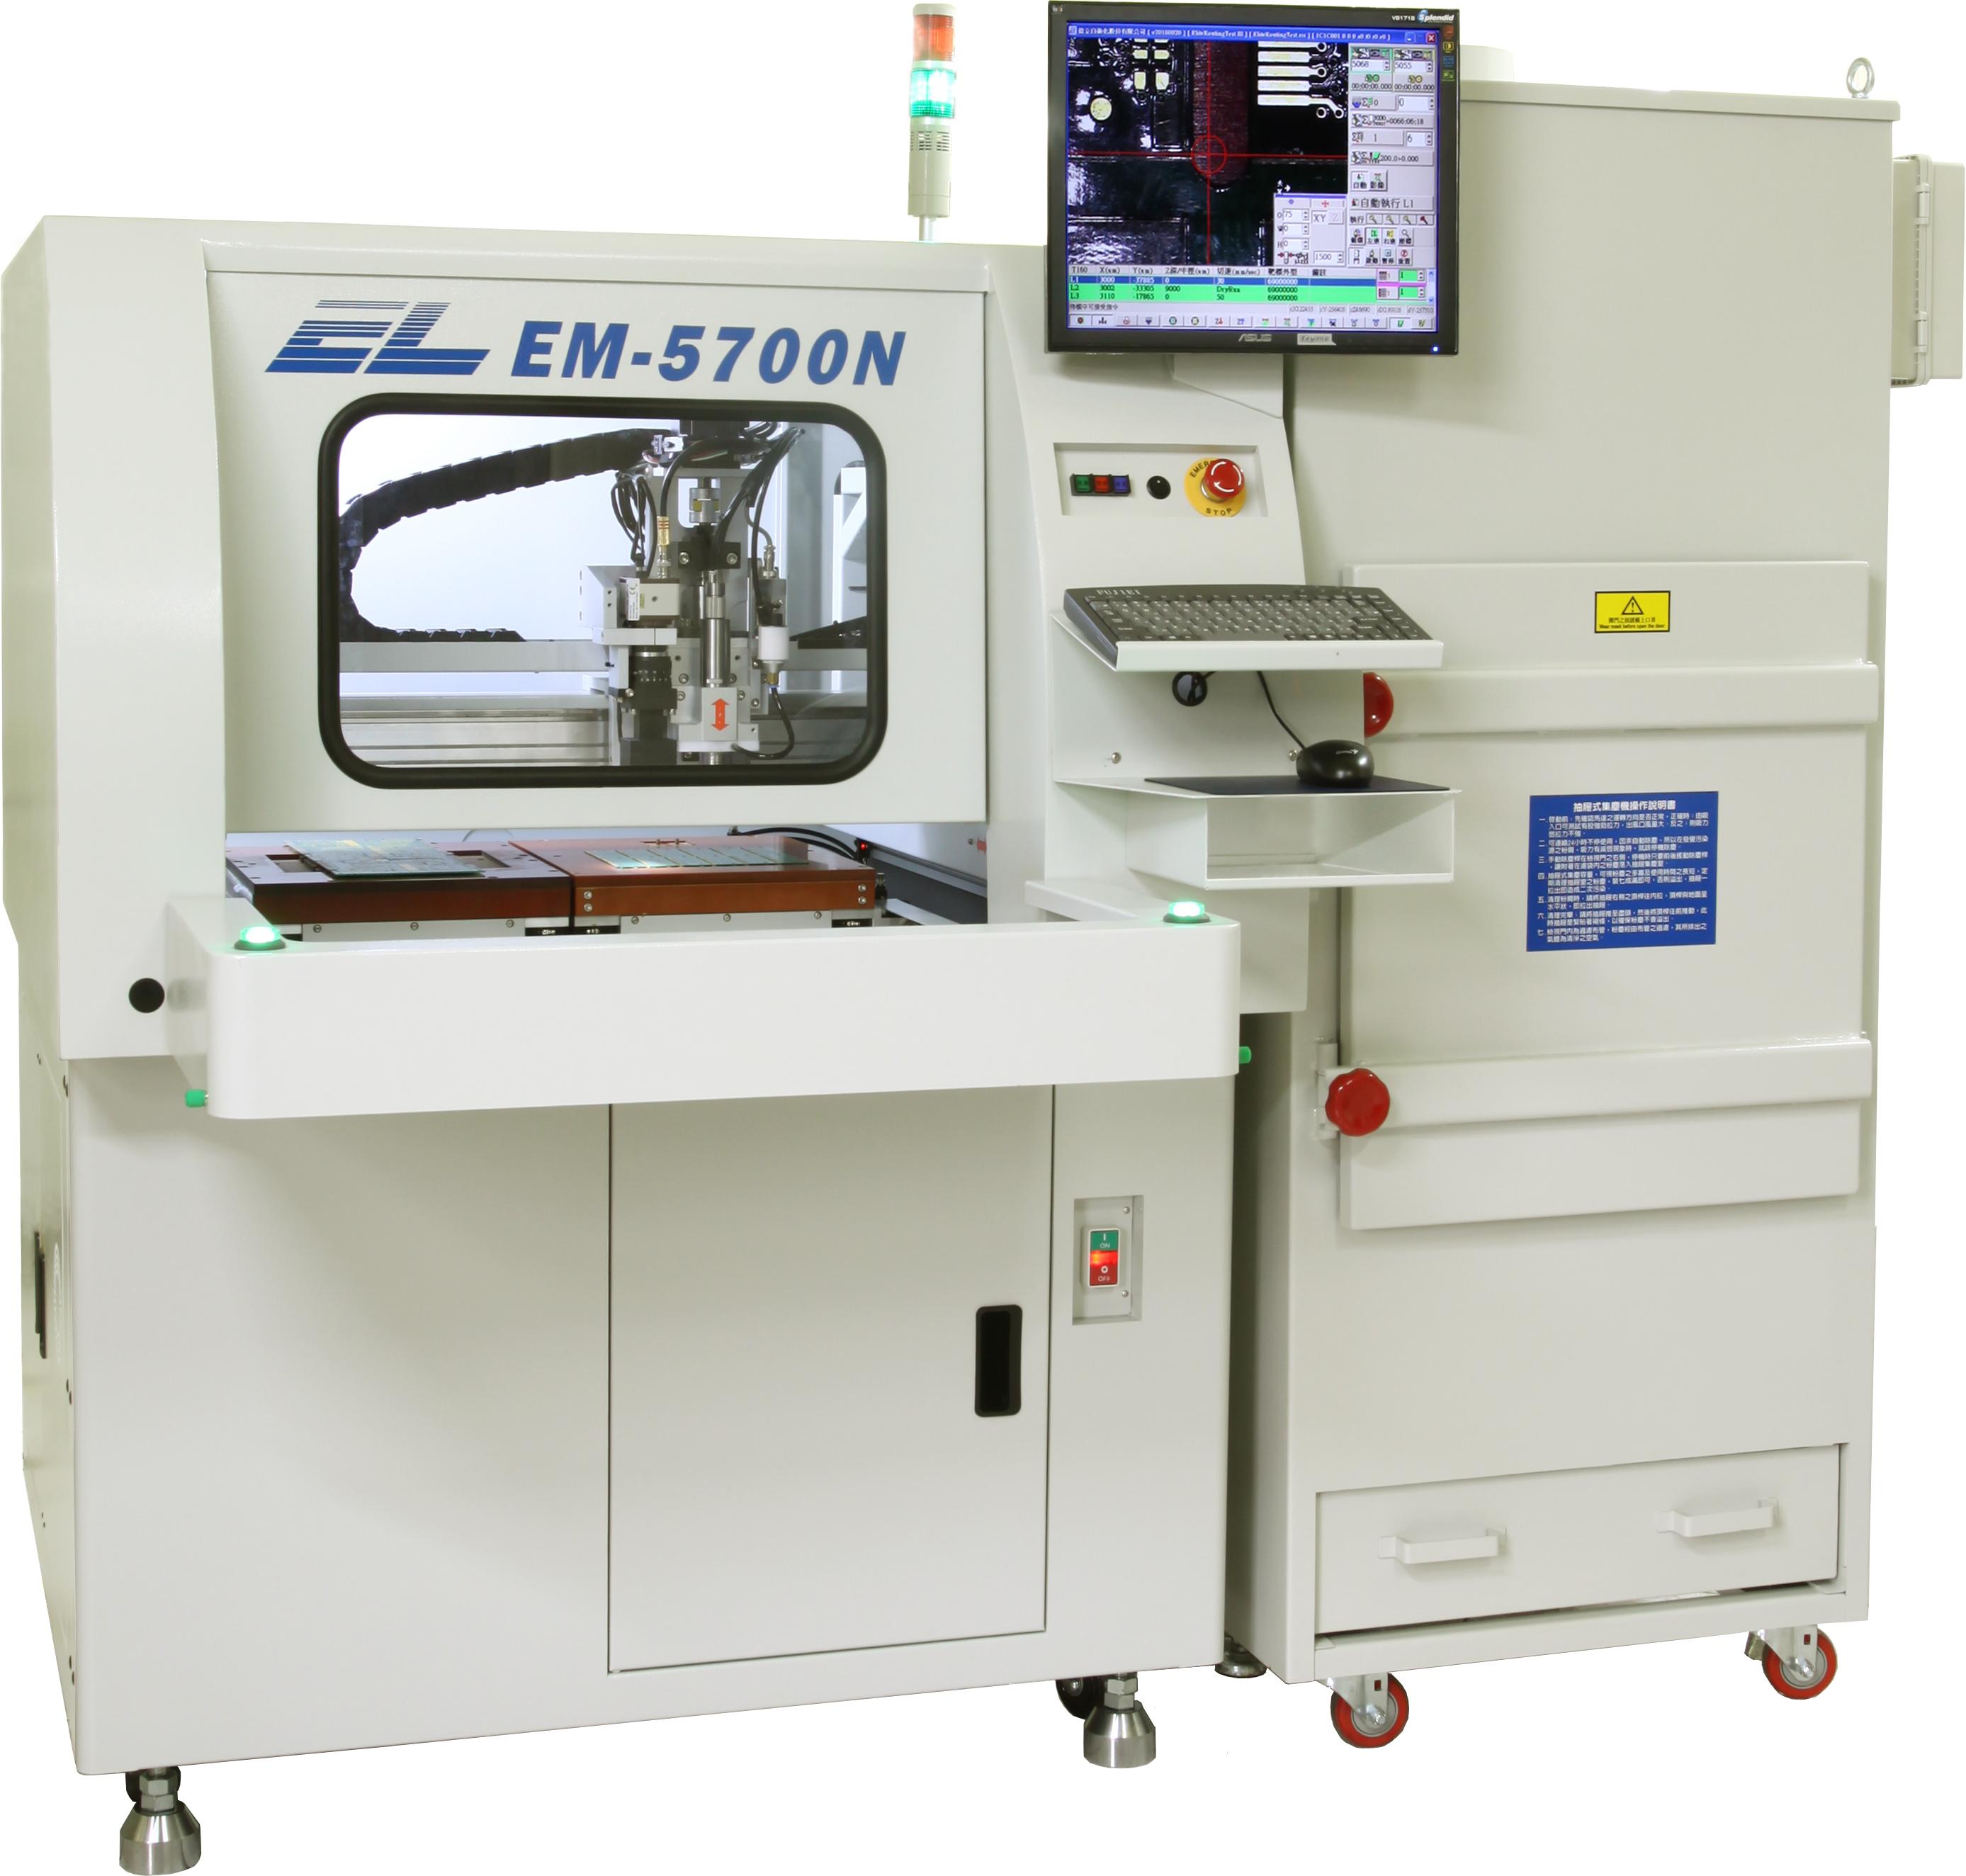 In-Line EM-5700N